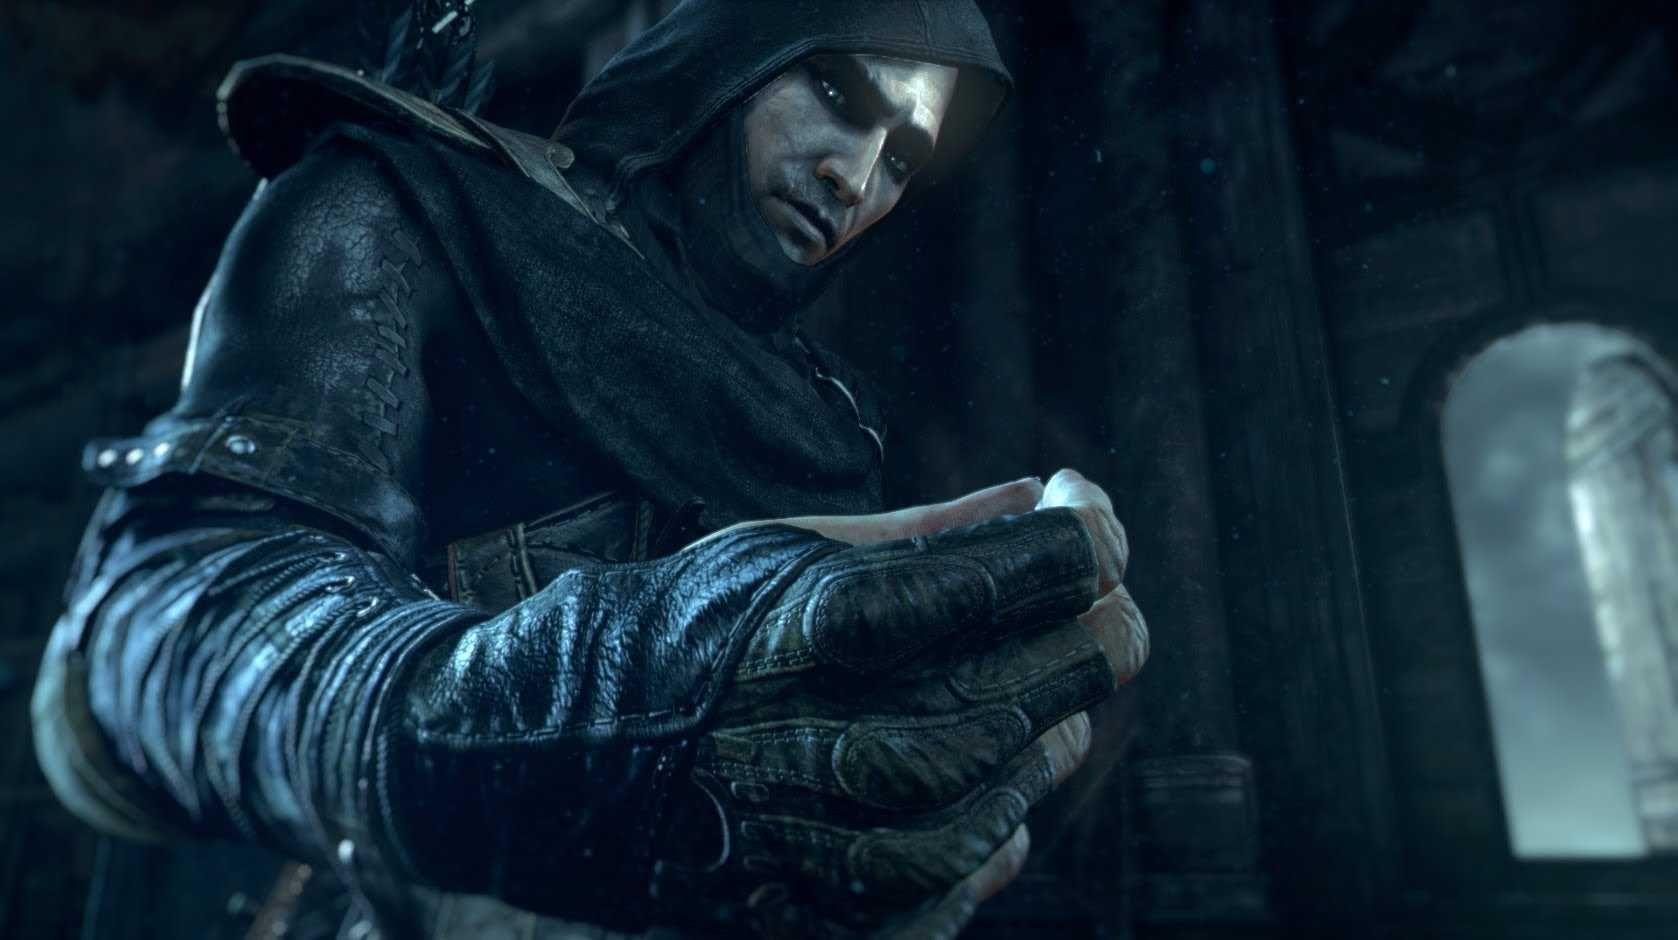 картинки вора из игры ворлд взгляда глубину